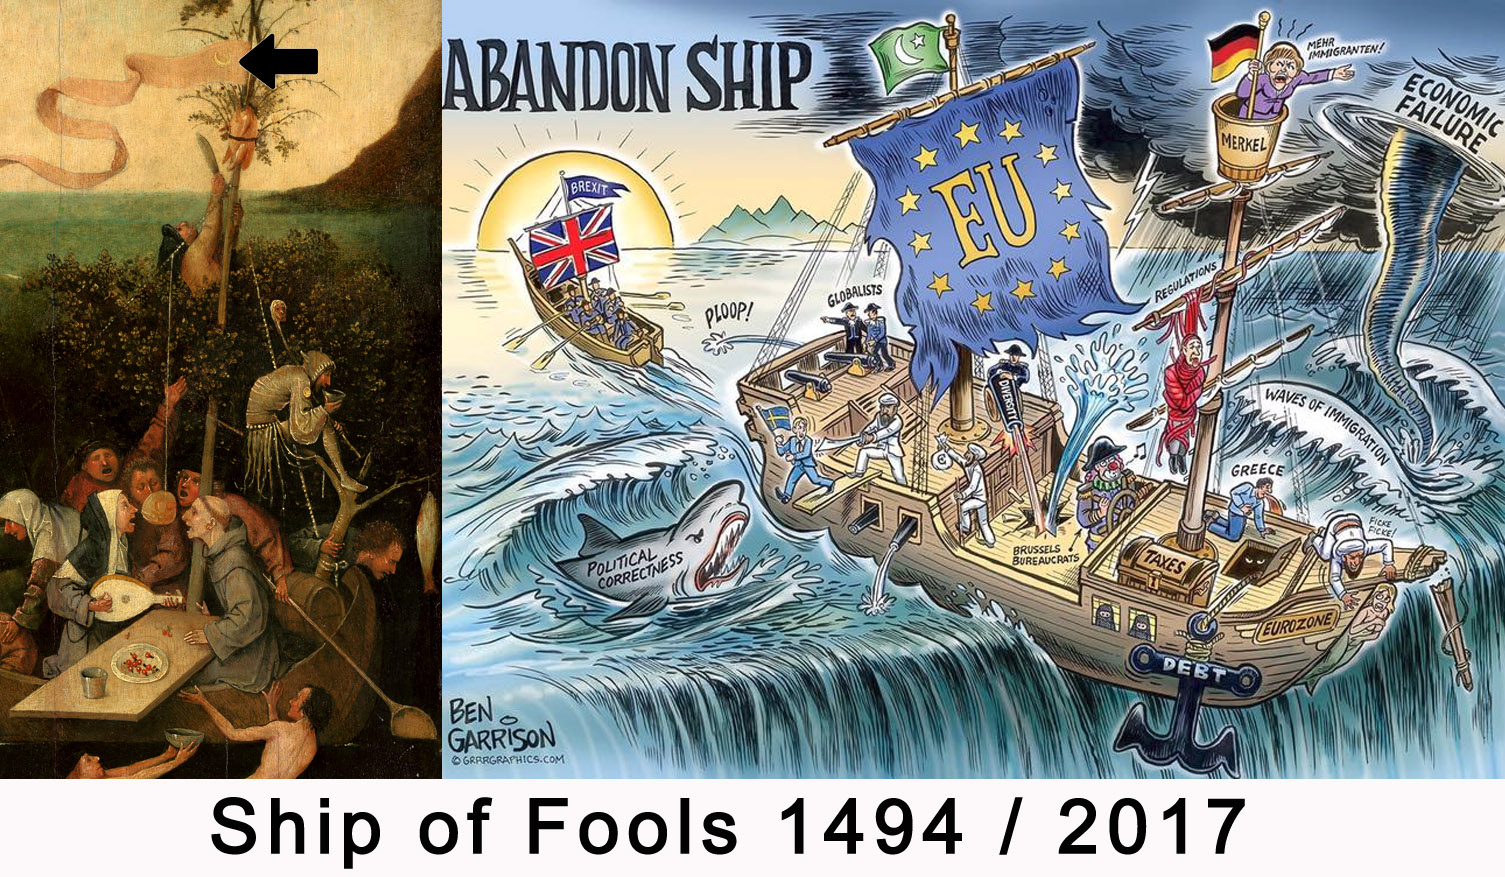 Schip of fools